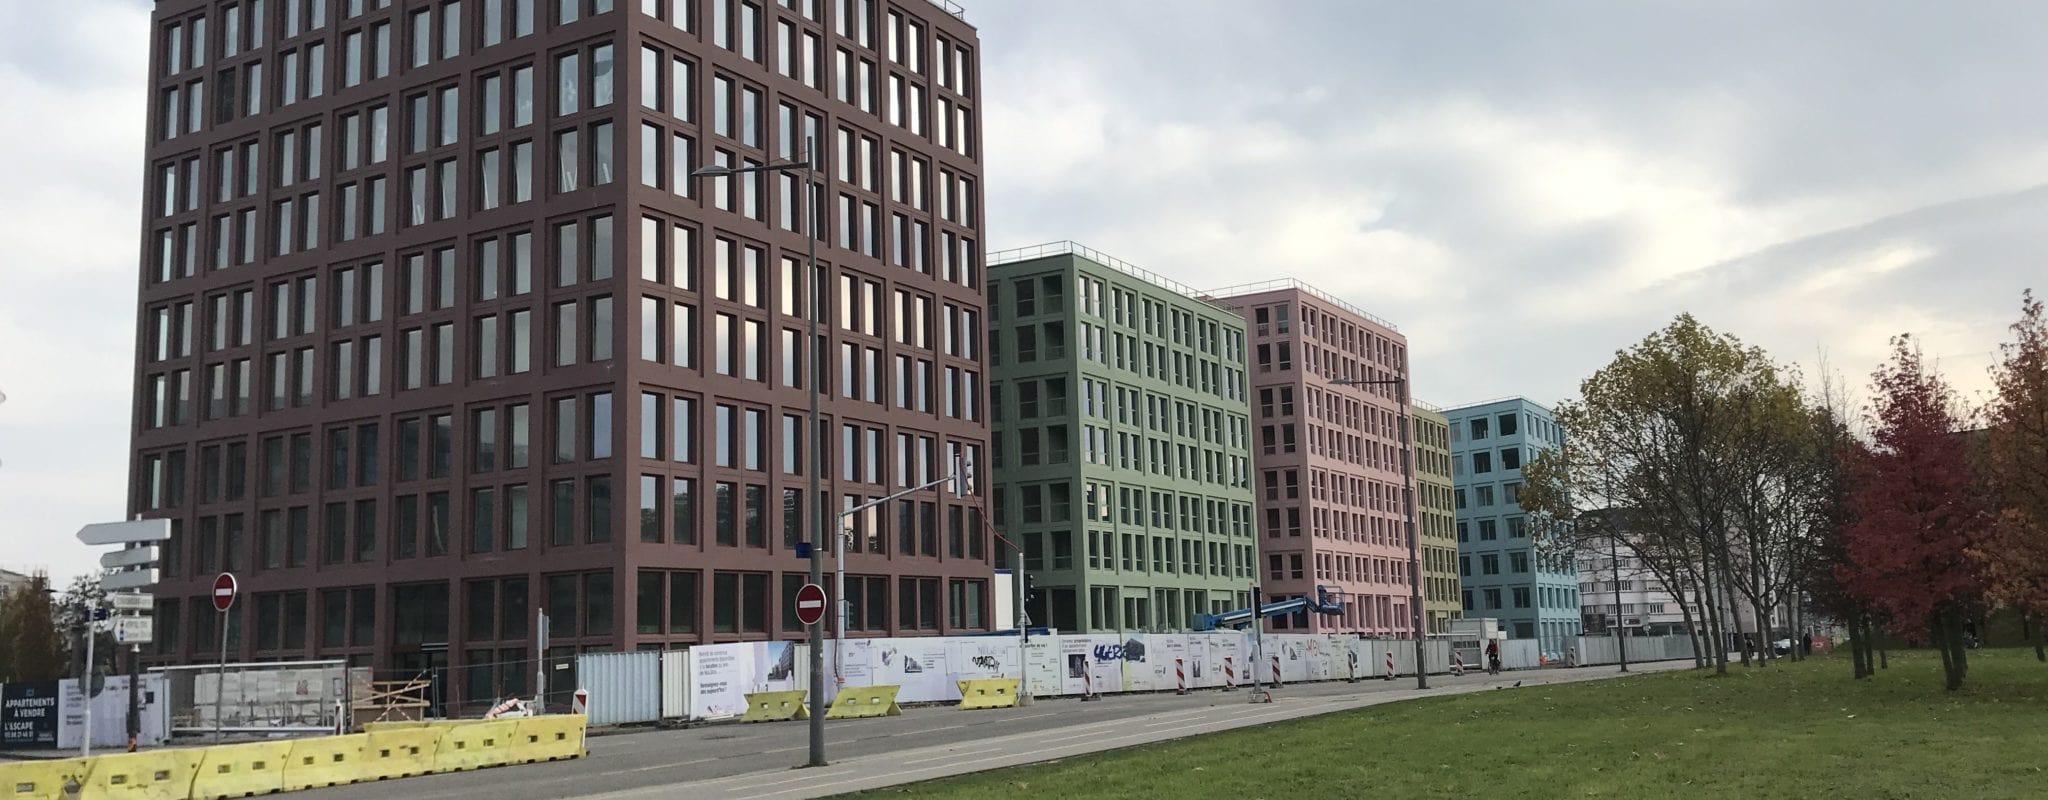 #Enjeux2020 – Pourquoi Strasbourg construit plus que dans les années 1990 et pour qui